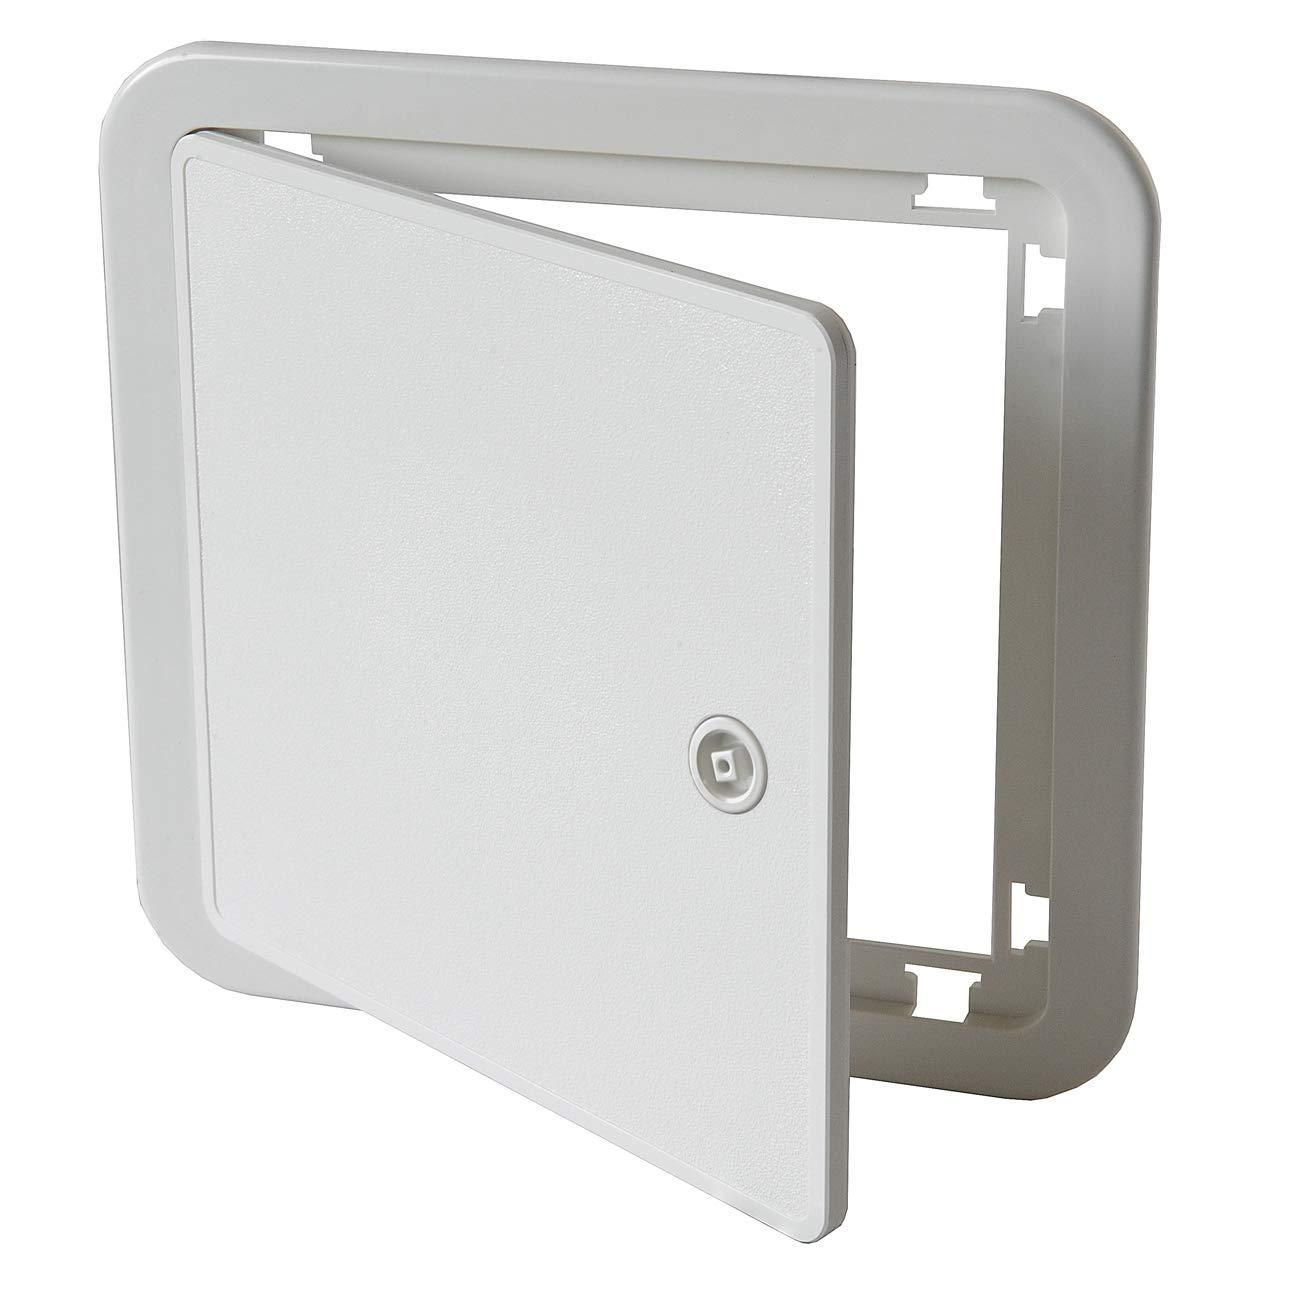 Color Blanco Puerta de inspecci/ón de ABS 215 x 215 mm La Ventilazione SI2020B